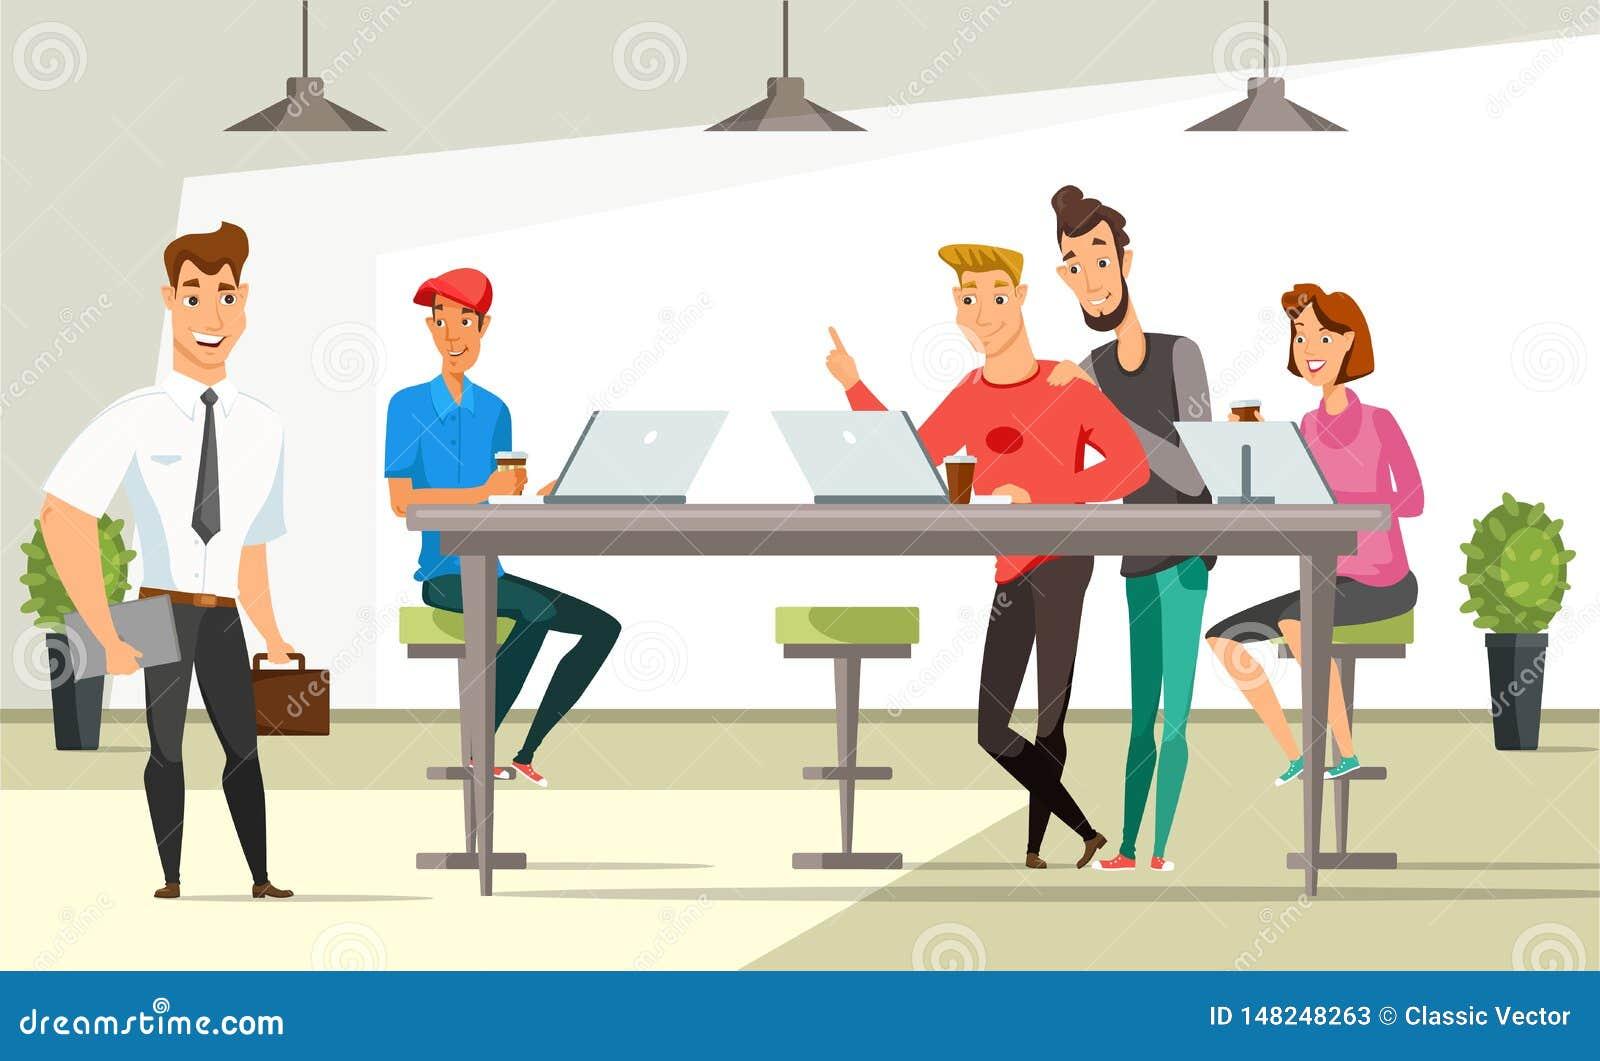 Vektor-Farbillustration der Büroangestellten flache